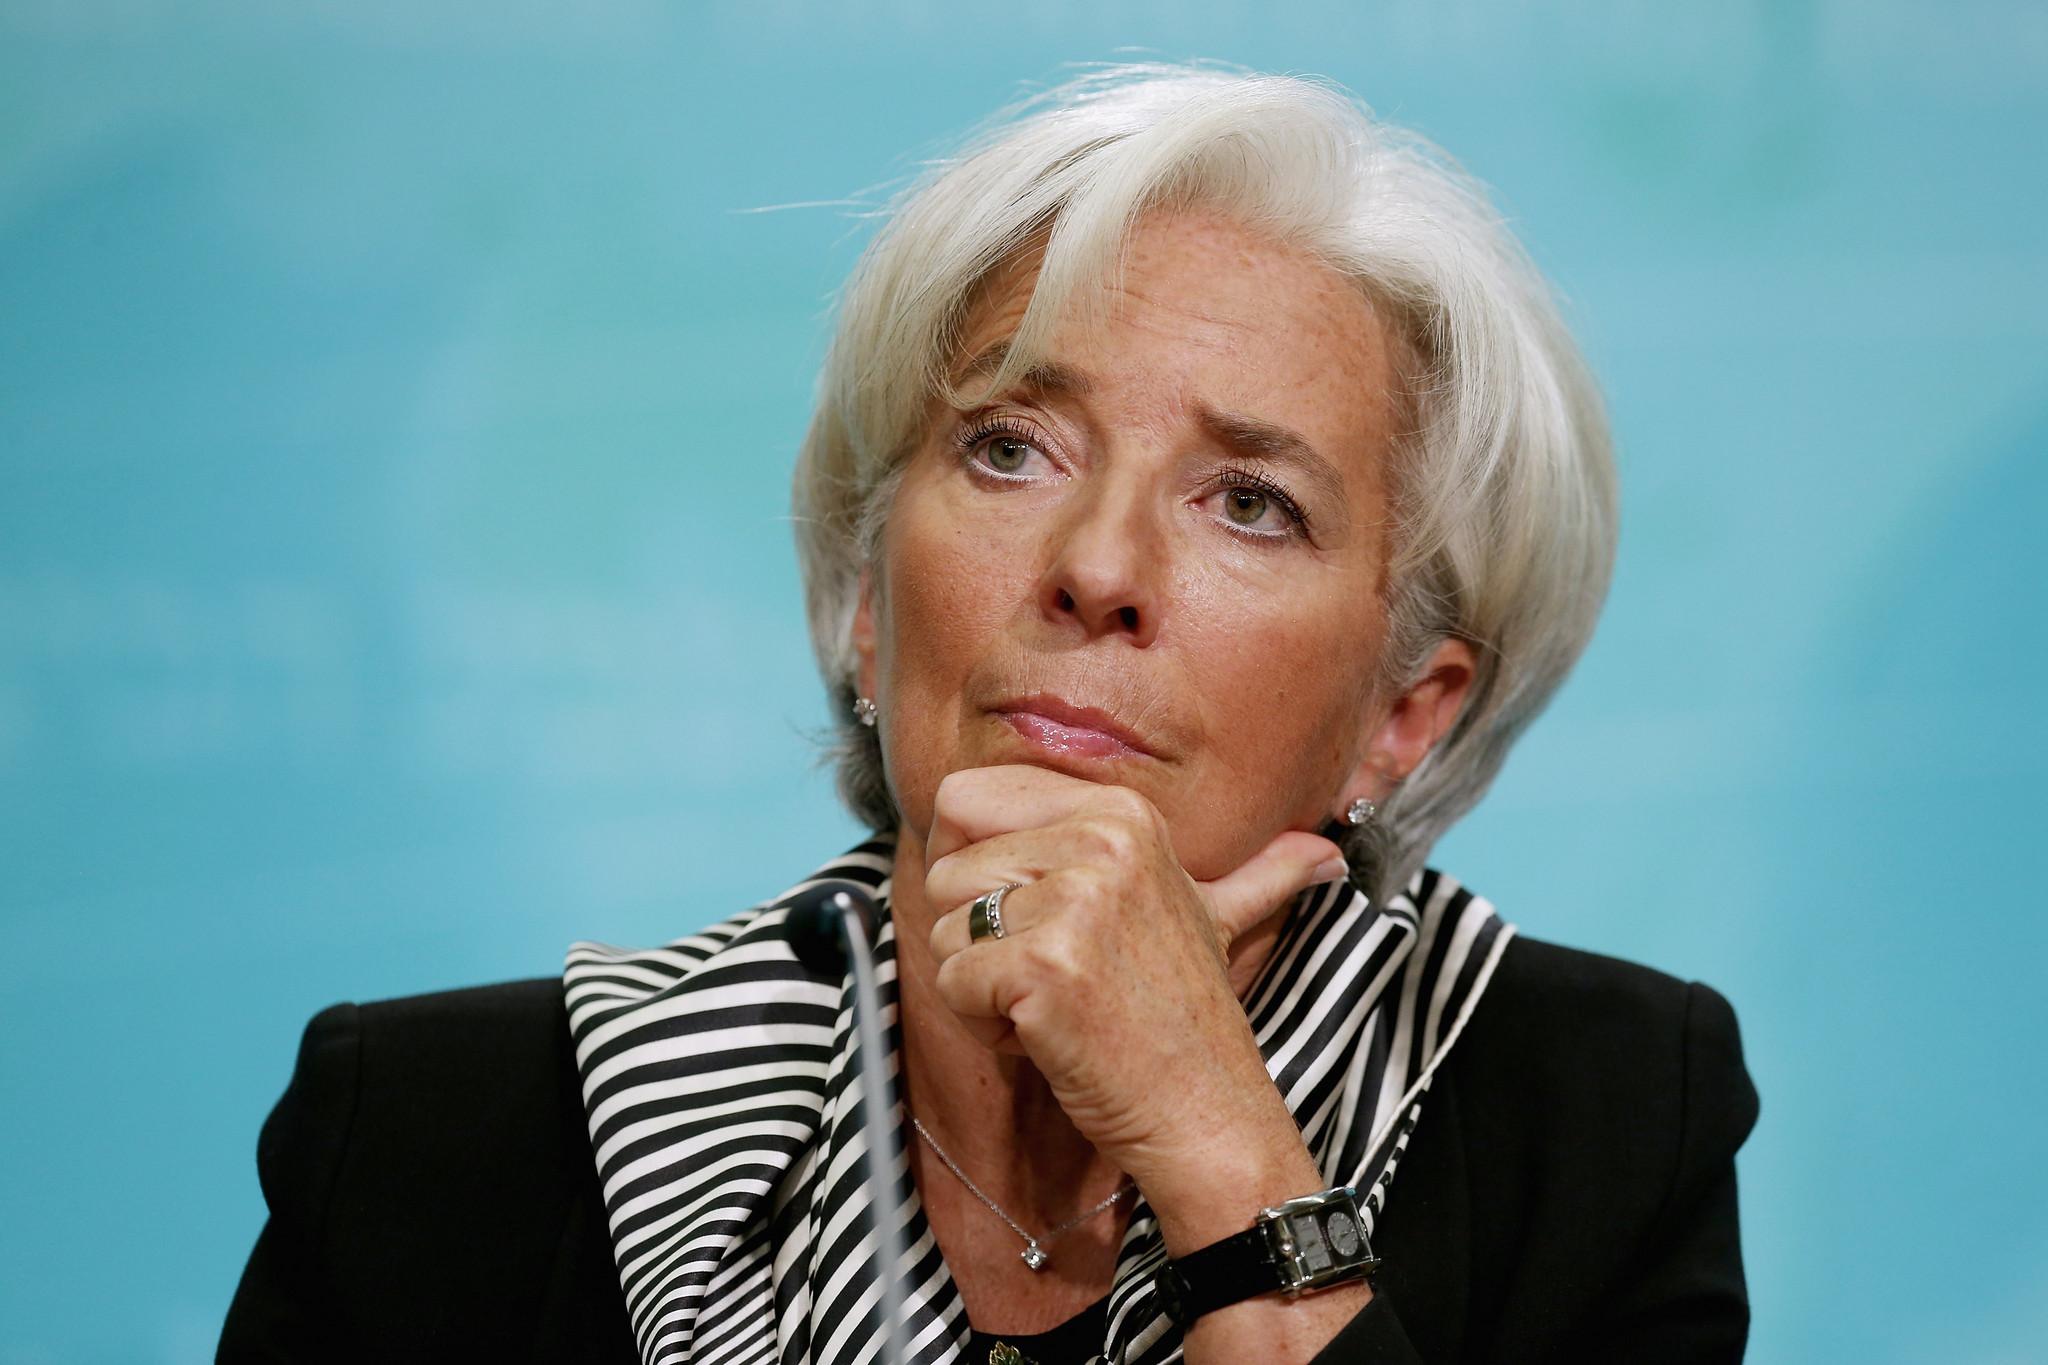 Christine Lagarde segunda na lista das mulheres mais poderosas do mundo em 2020